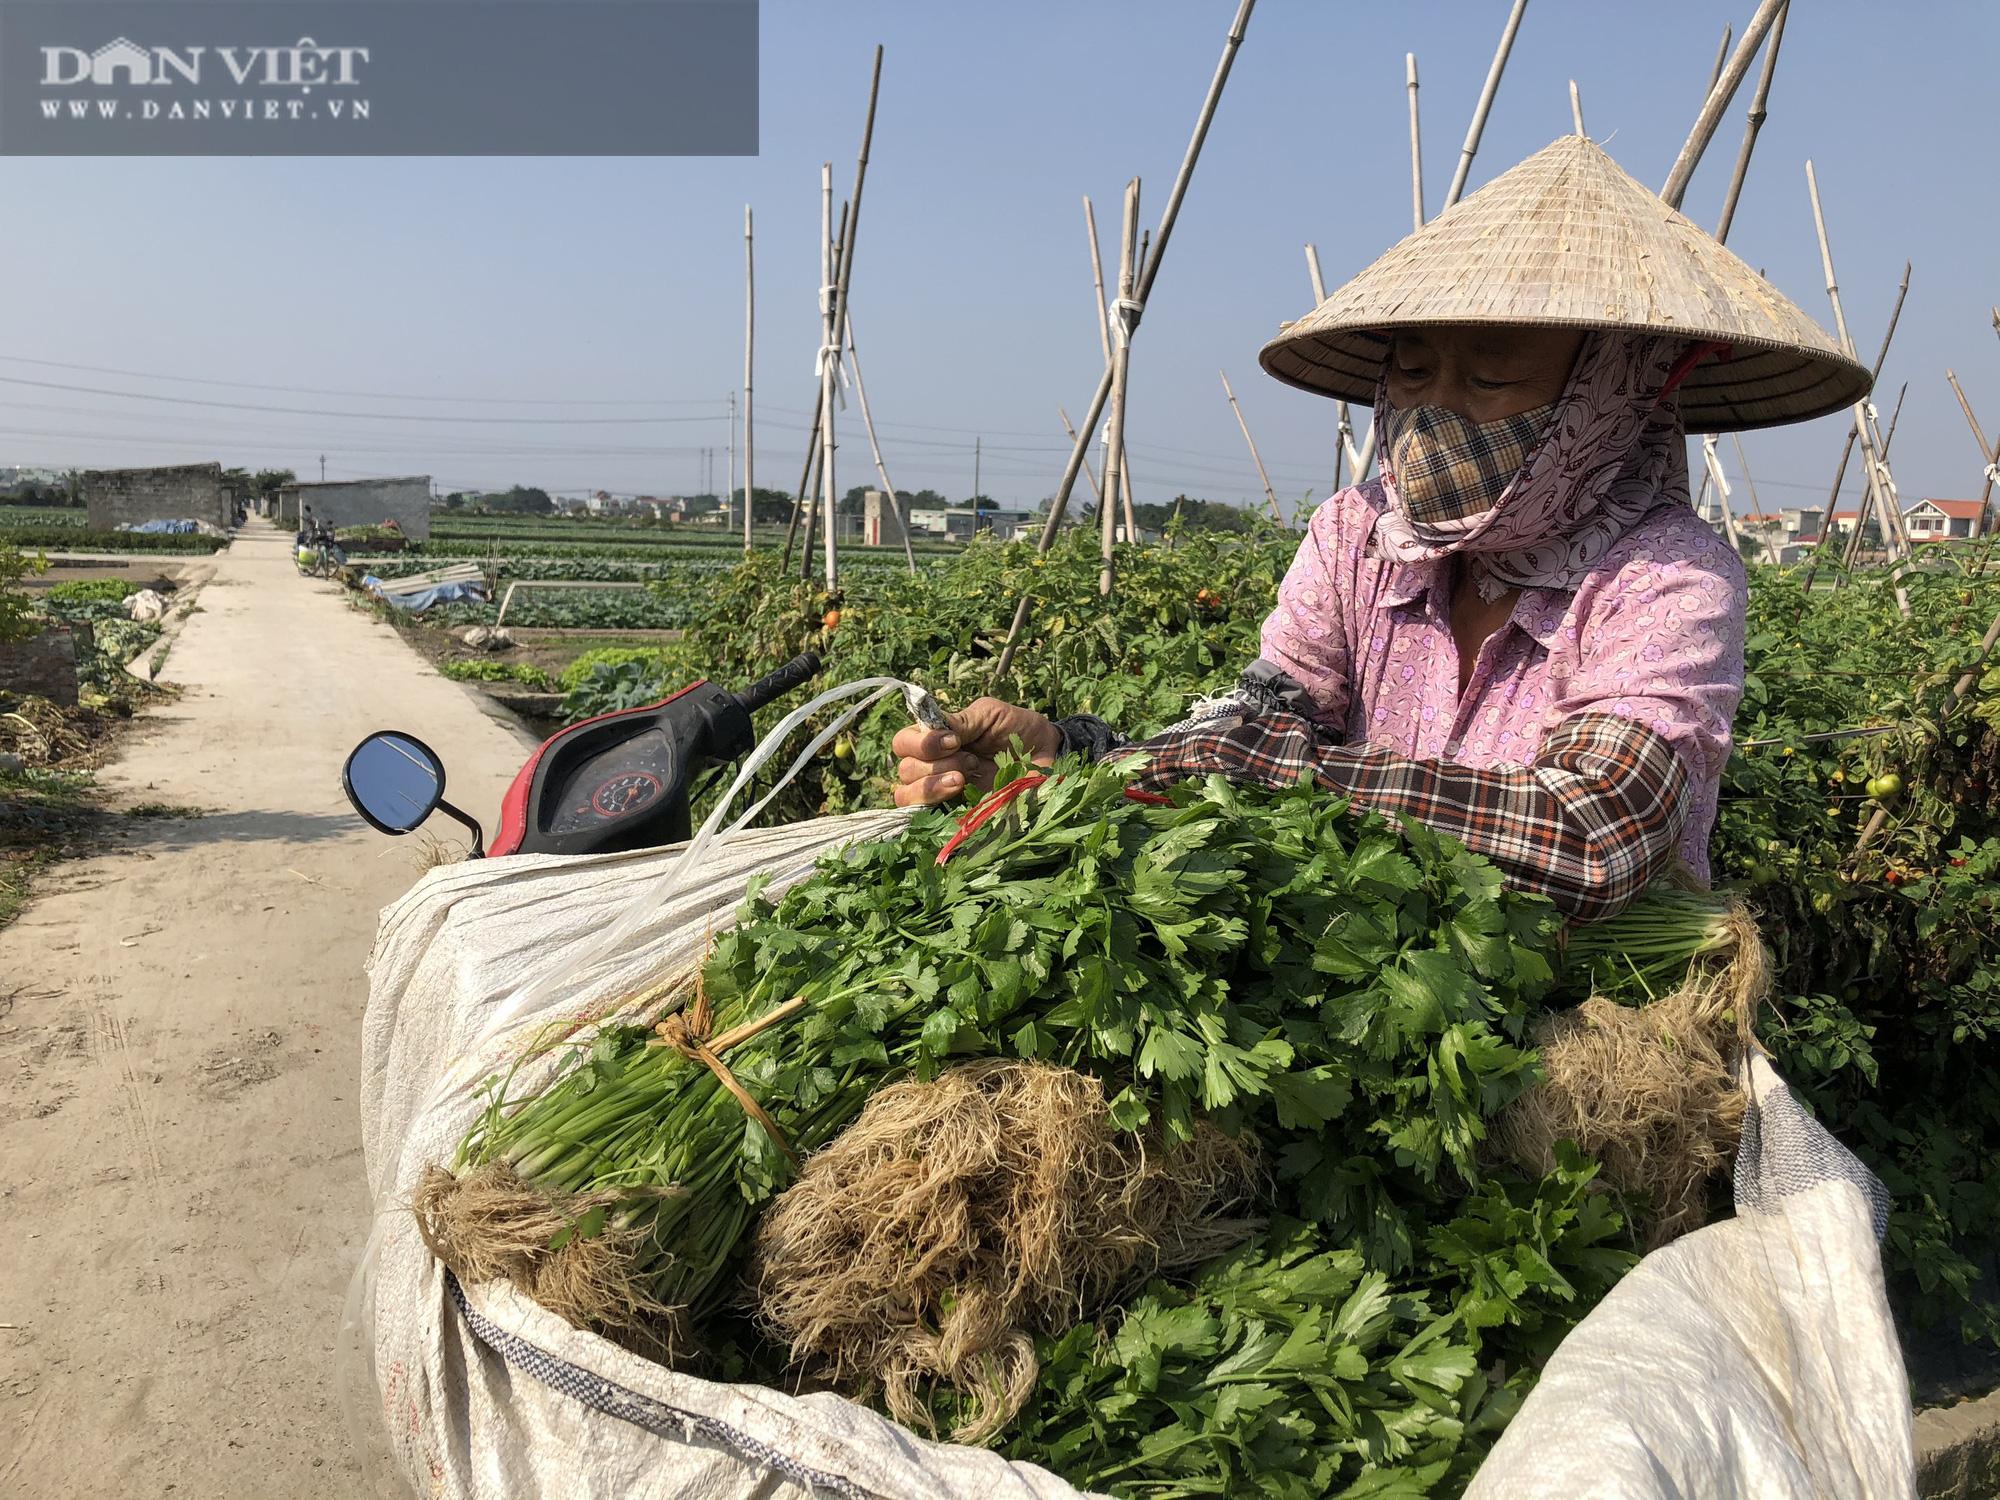 Thái Bình: Rau rẻ như cho, chỉ 8.000 nghìn đồng/15 củ su hào, nông dân chán nản cắt về làm thức ăn cho bò - Ảnh 4.